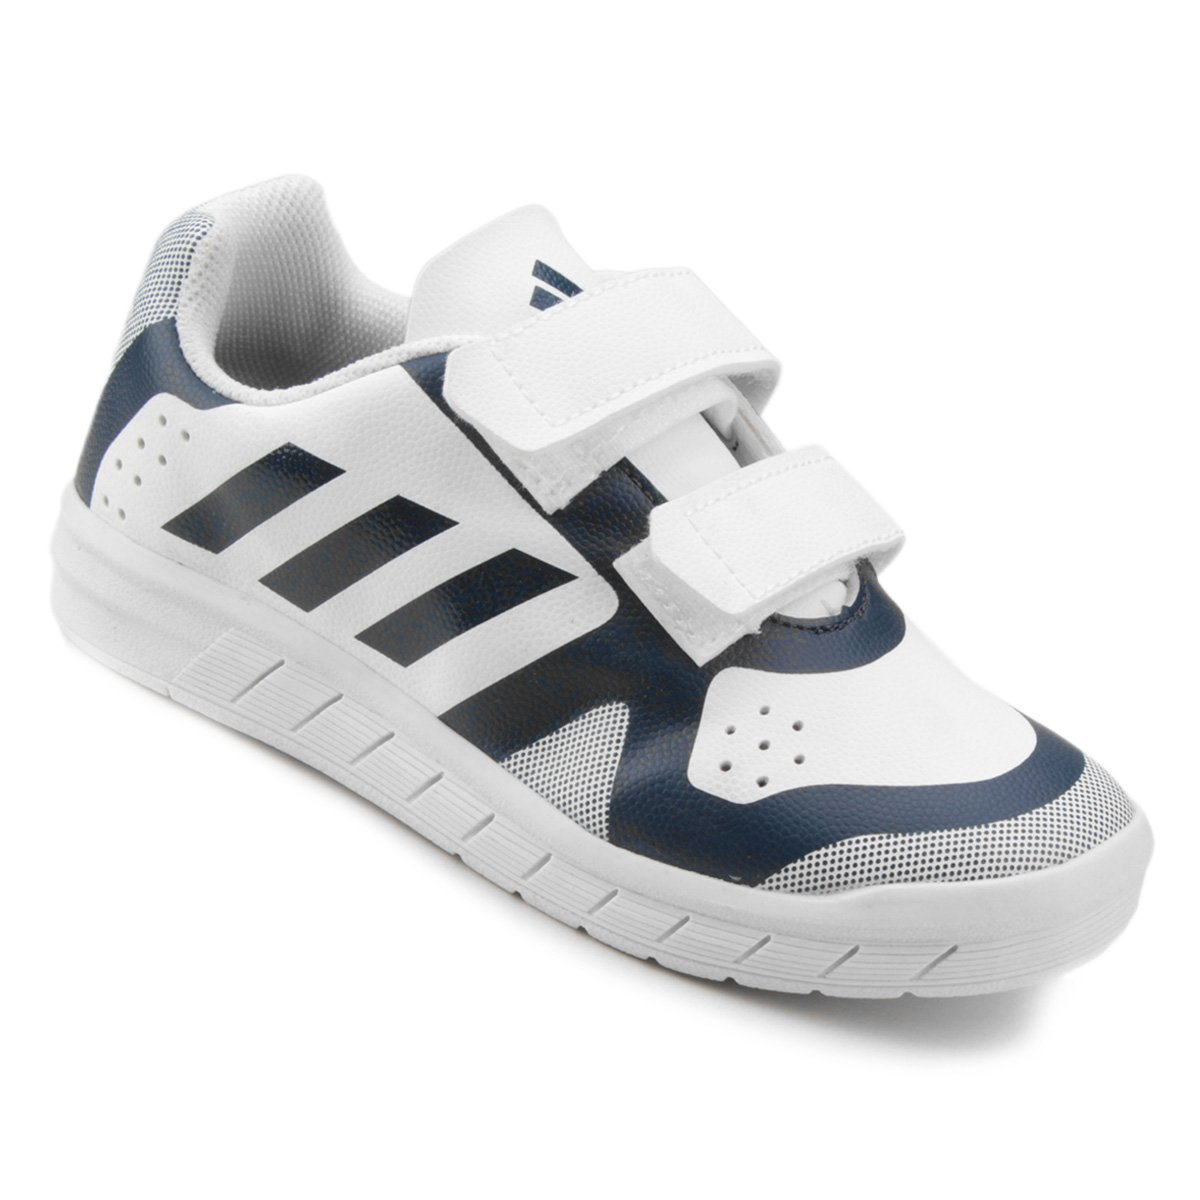 a7ce25fc902 Tênis Infantil Adidas Quicksport Cf 2 C Velcro - Branco e Azul - Compre  Agora